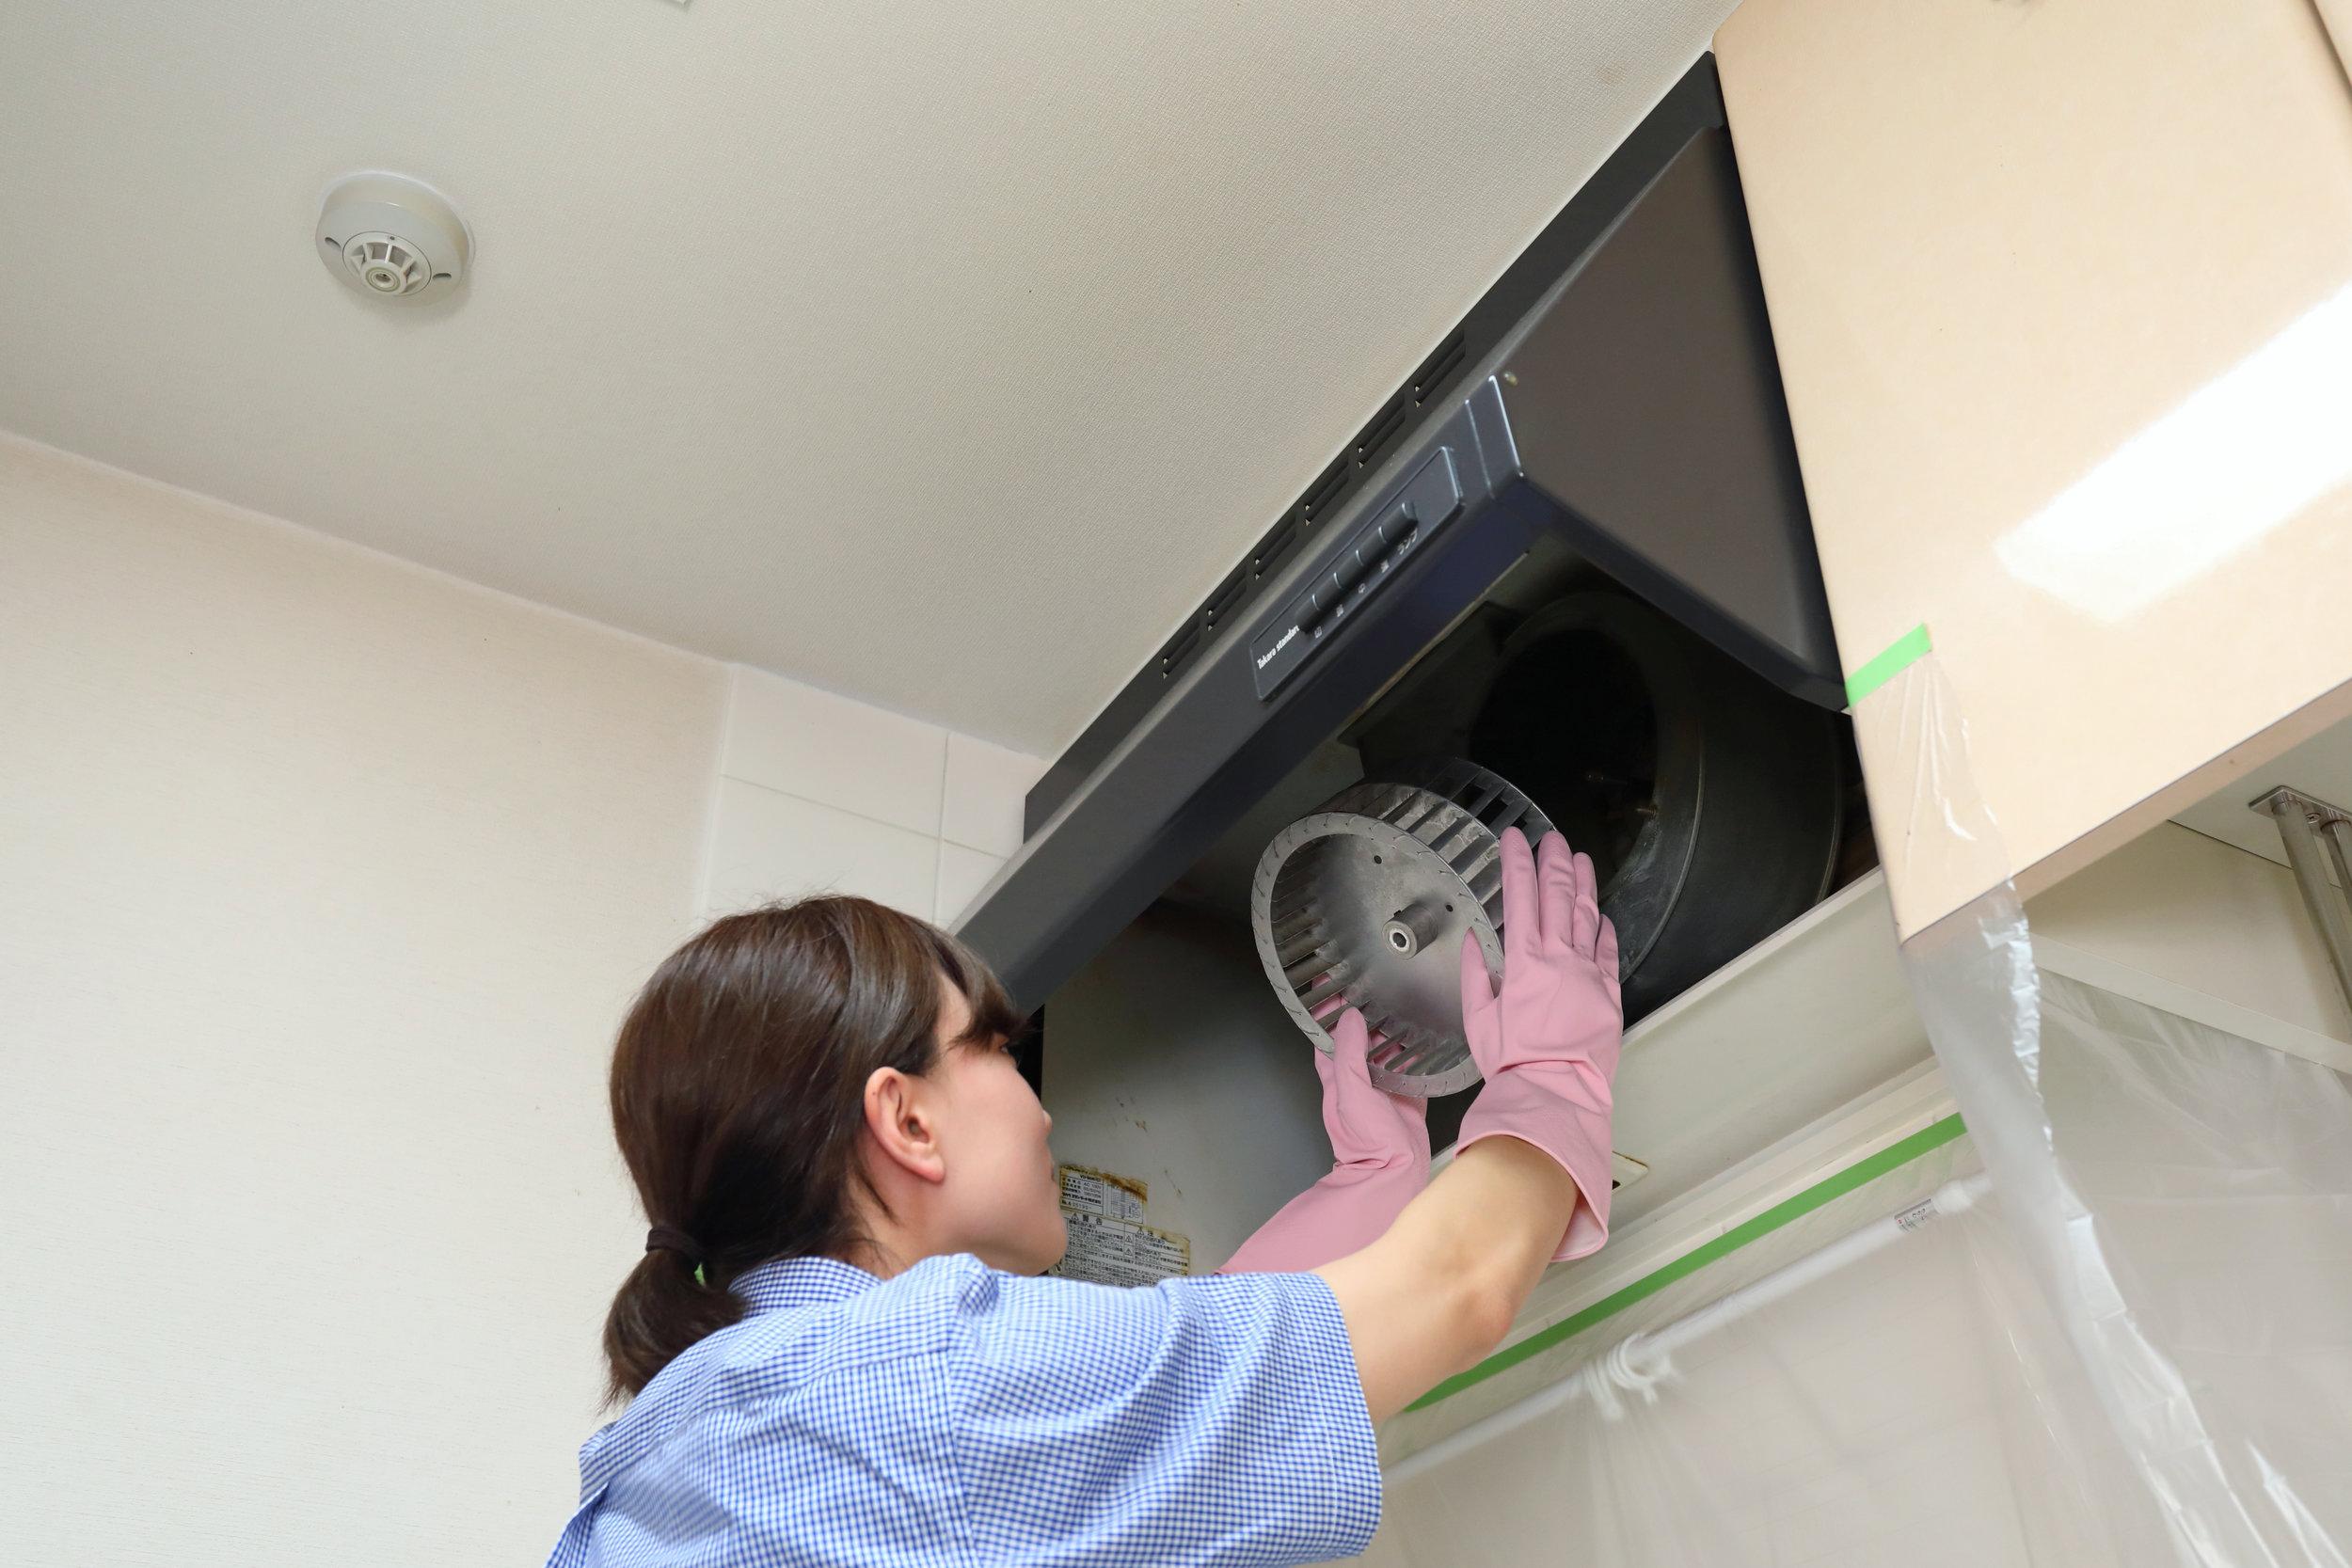 キッチン換気扇(レンジフード)   高い位置にあるキッチンの換気扇はお掃除が大変…。油汚れもべったりでとにかく面倒!レンクリなら内部のファンまで分解して徹底洗浄します!油汚れが付きにくくなる便利なレンジフードフィルターの販売も行っております。